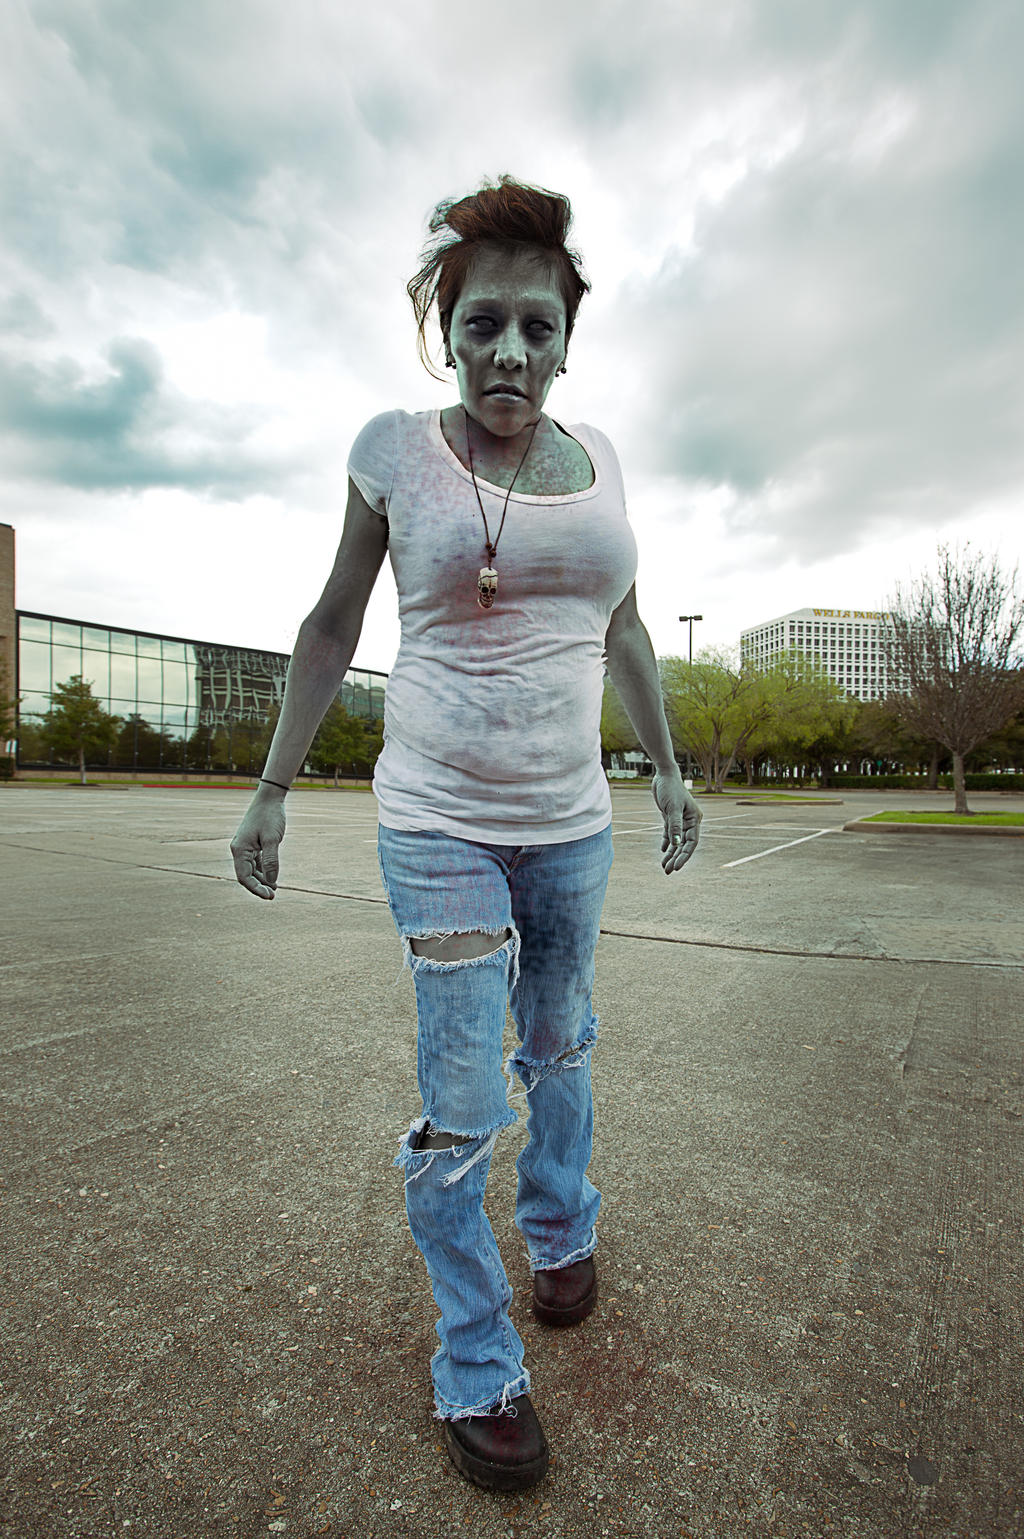 3-14-14 Zombie by El-Mercurio